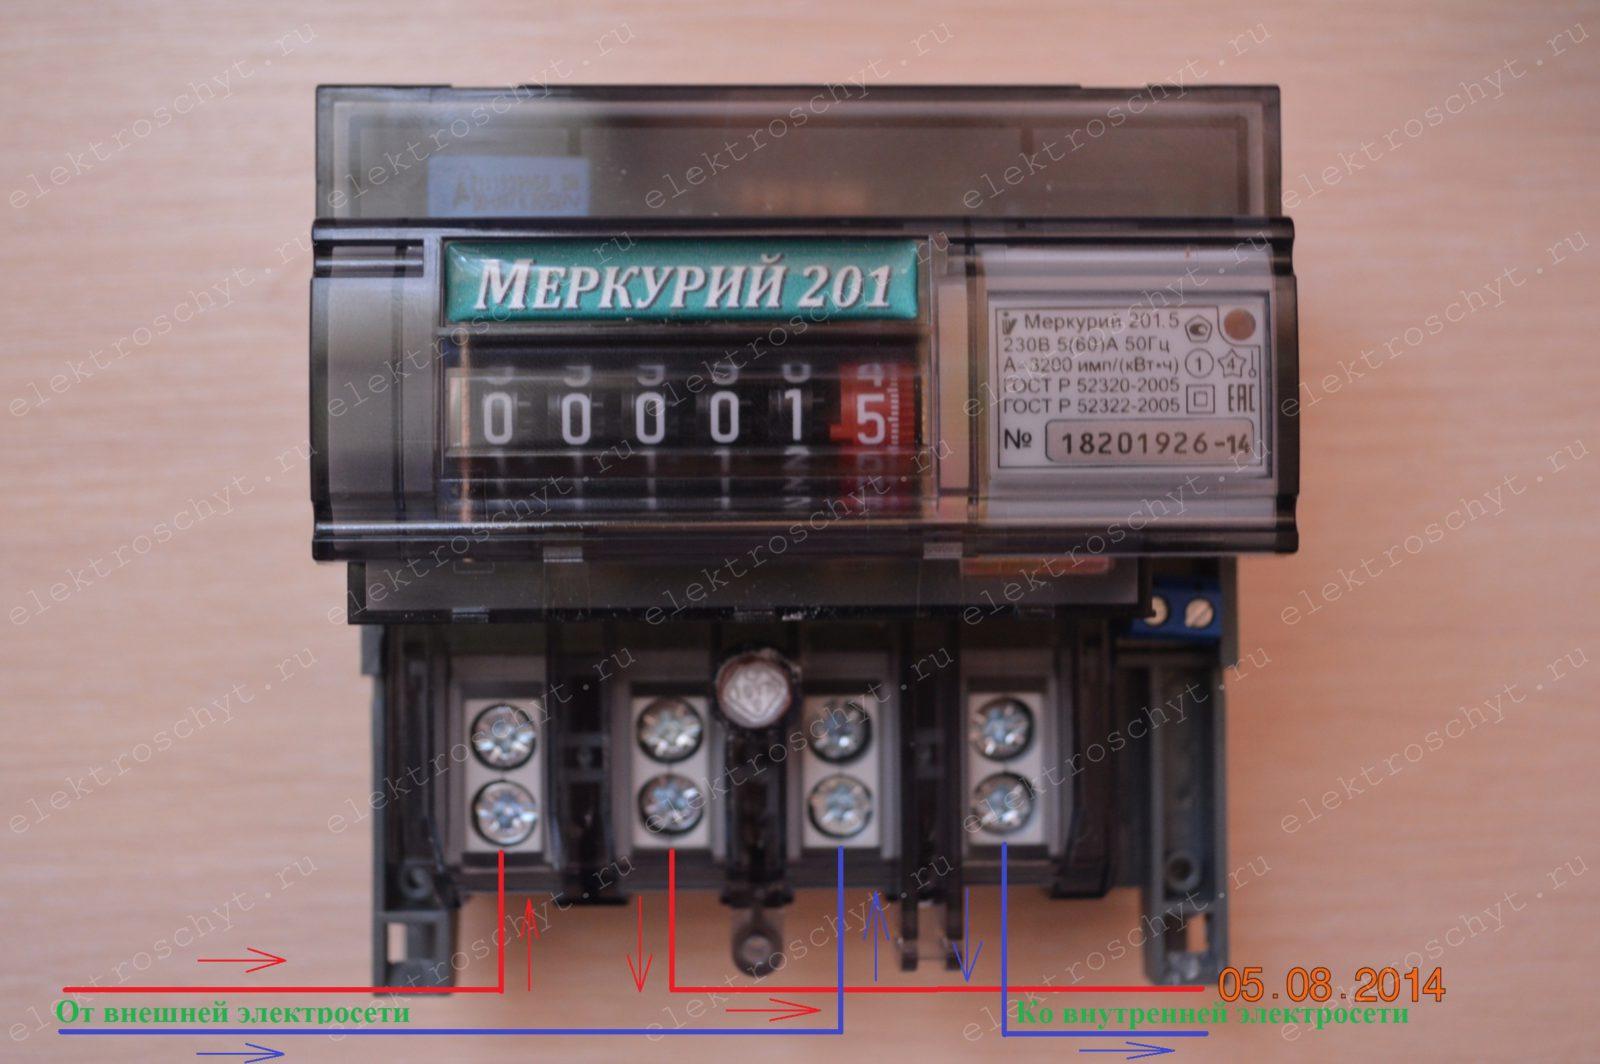 меркурии 201 схема подключения